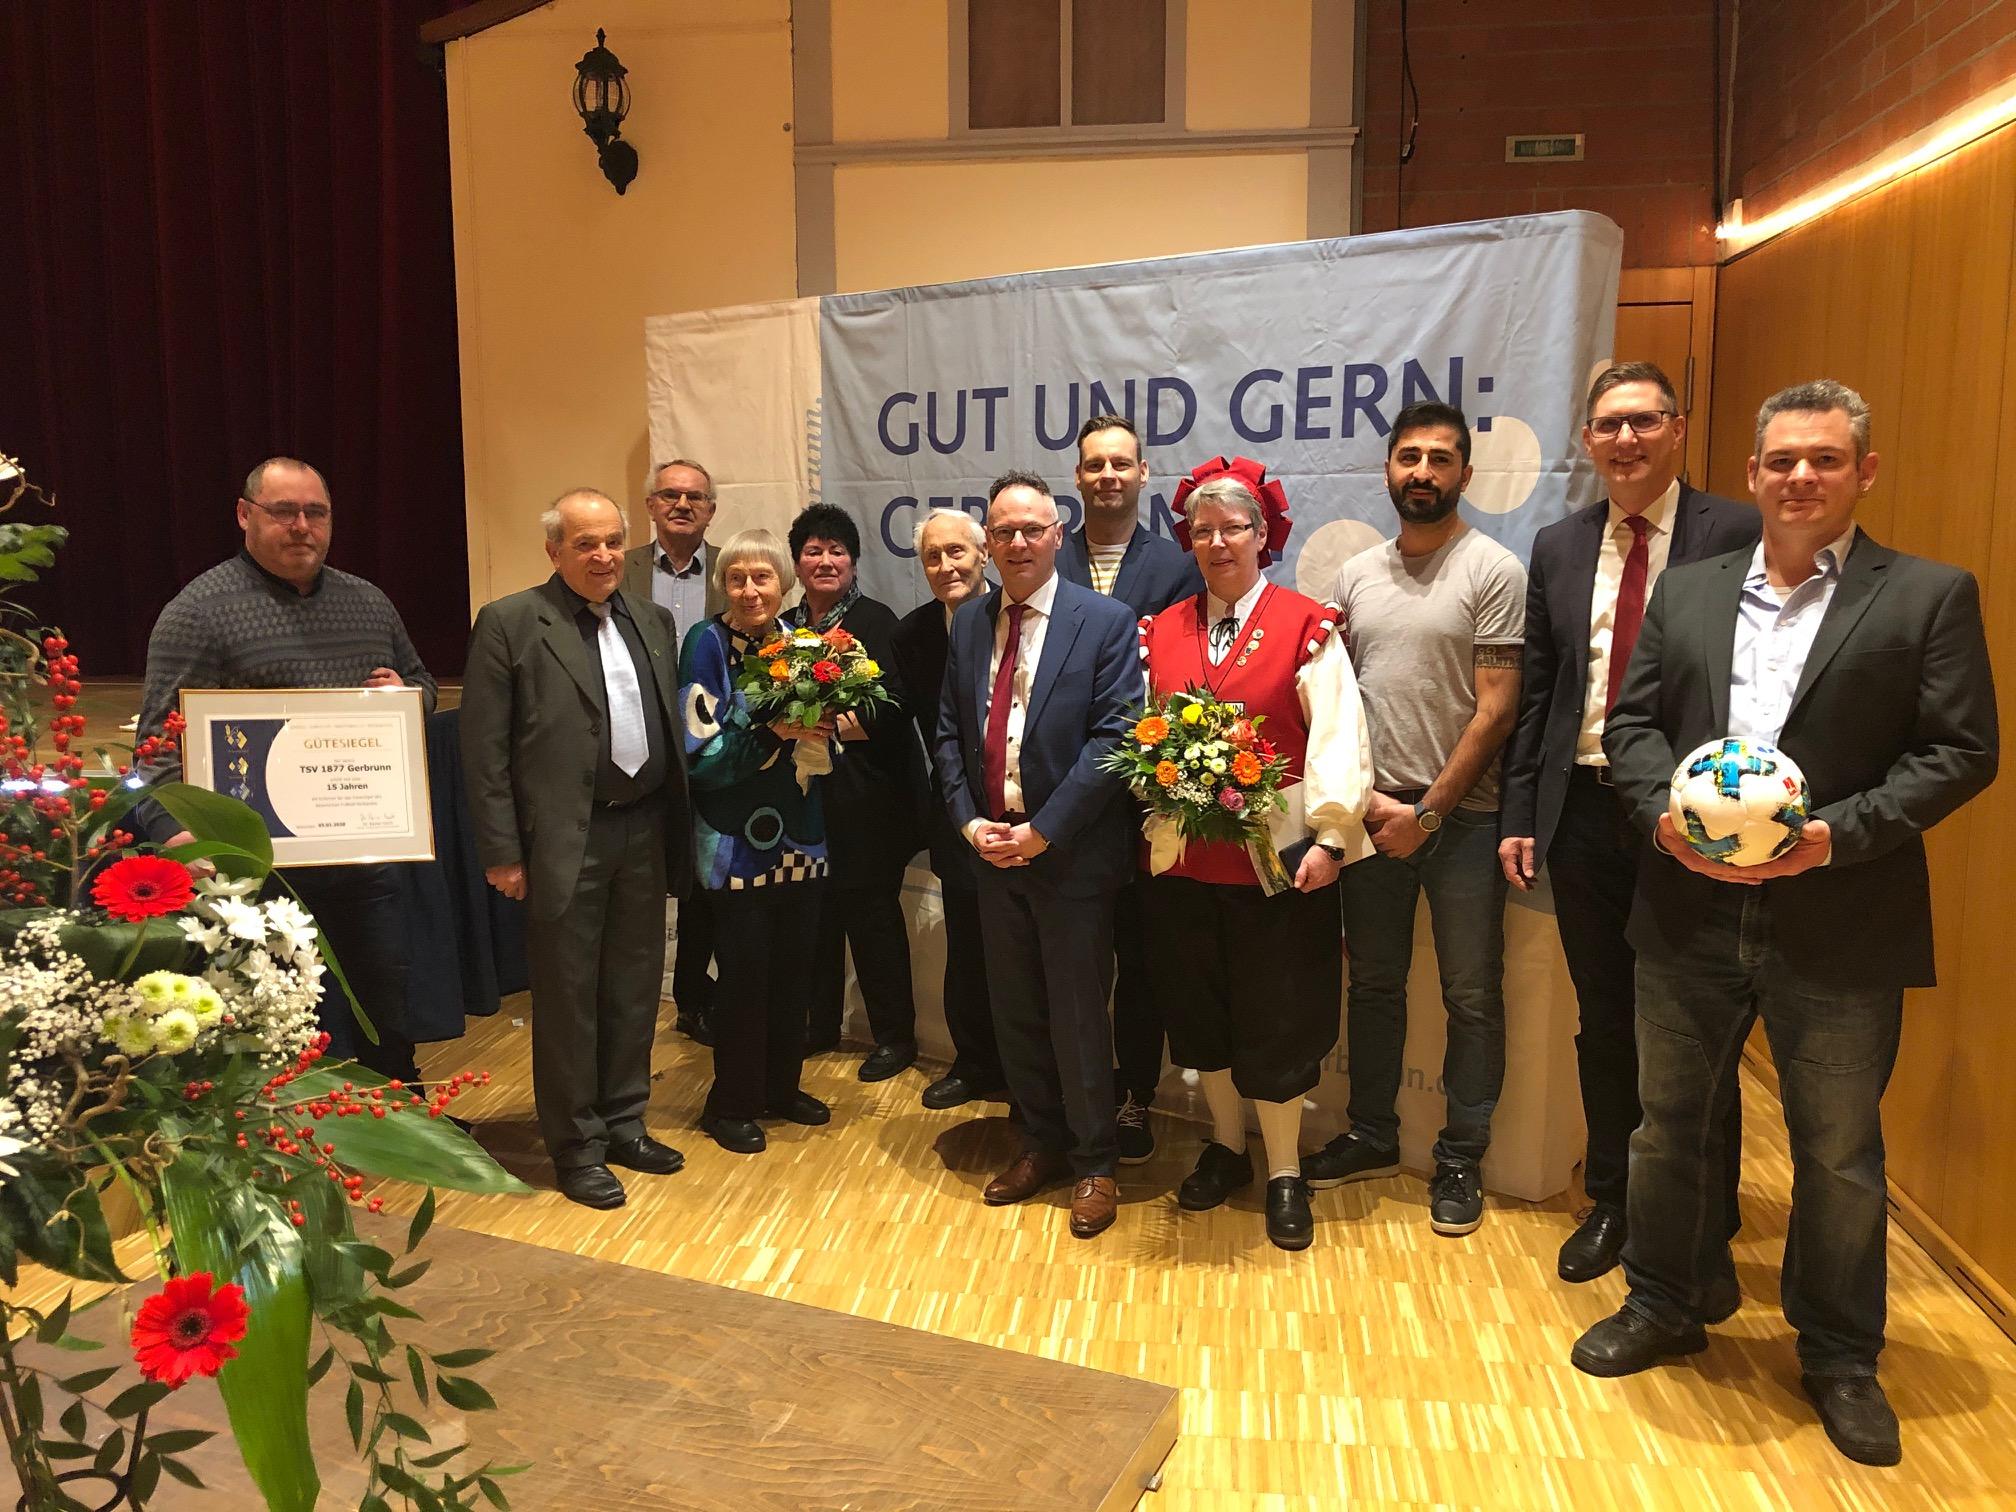 Neujahrsempfang der Gemeinde Gerbrunn